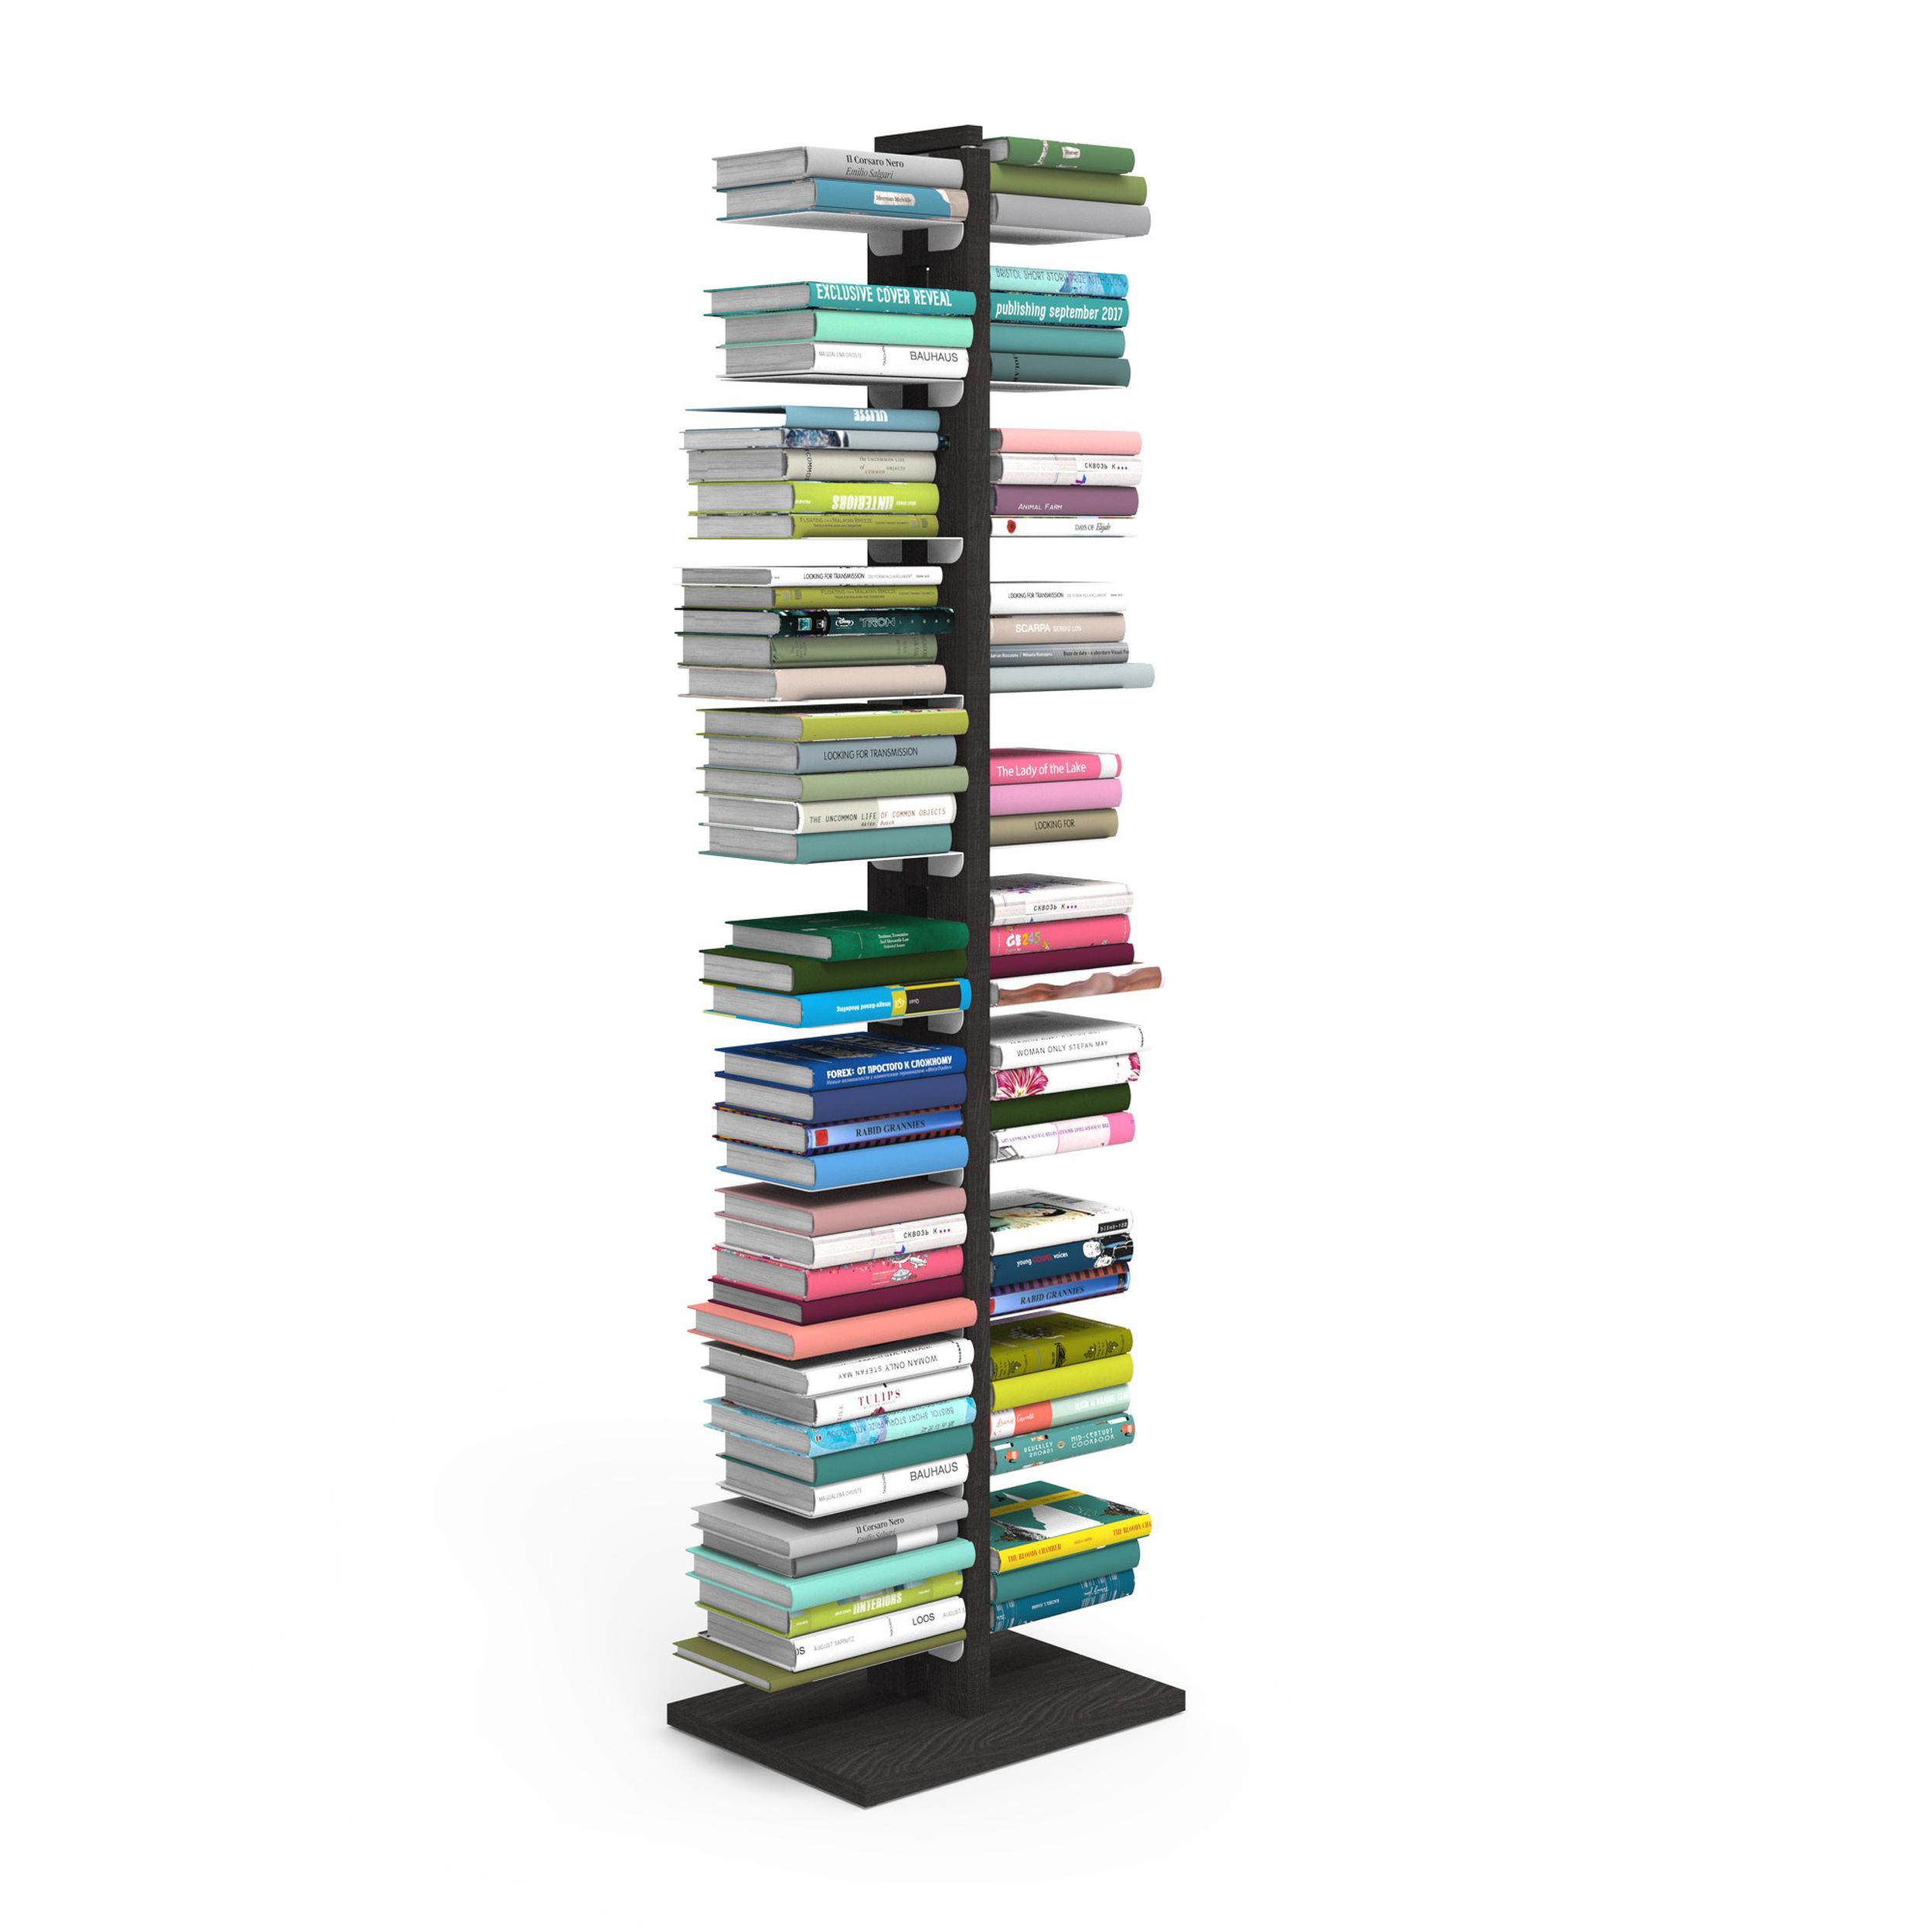 Libreria Verticale In Metallo.Libreria Verticale A Colonna Doppia Zia Bice 42x30xh 155 Cm Con